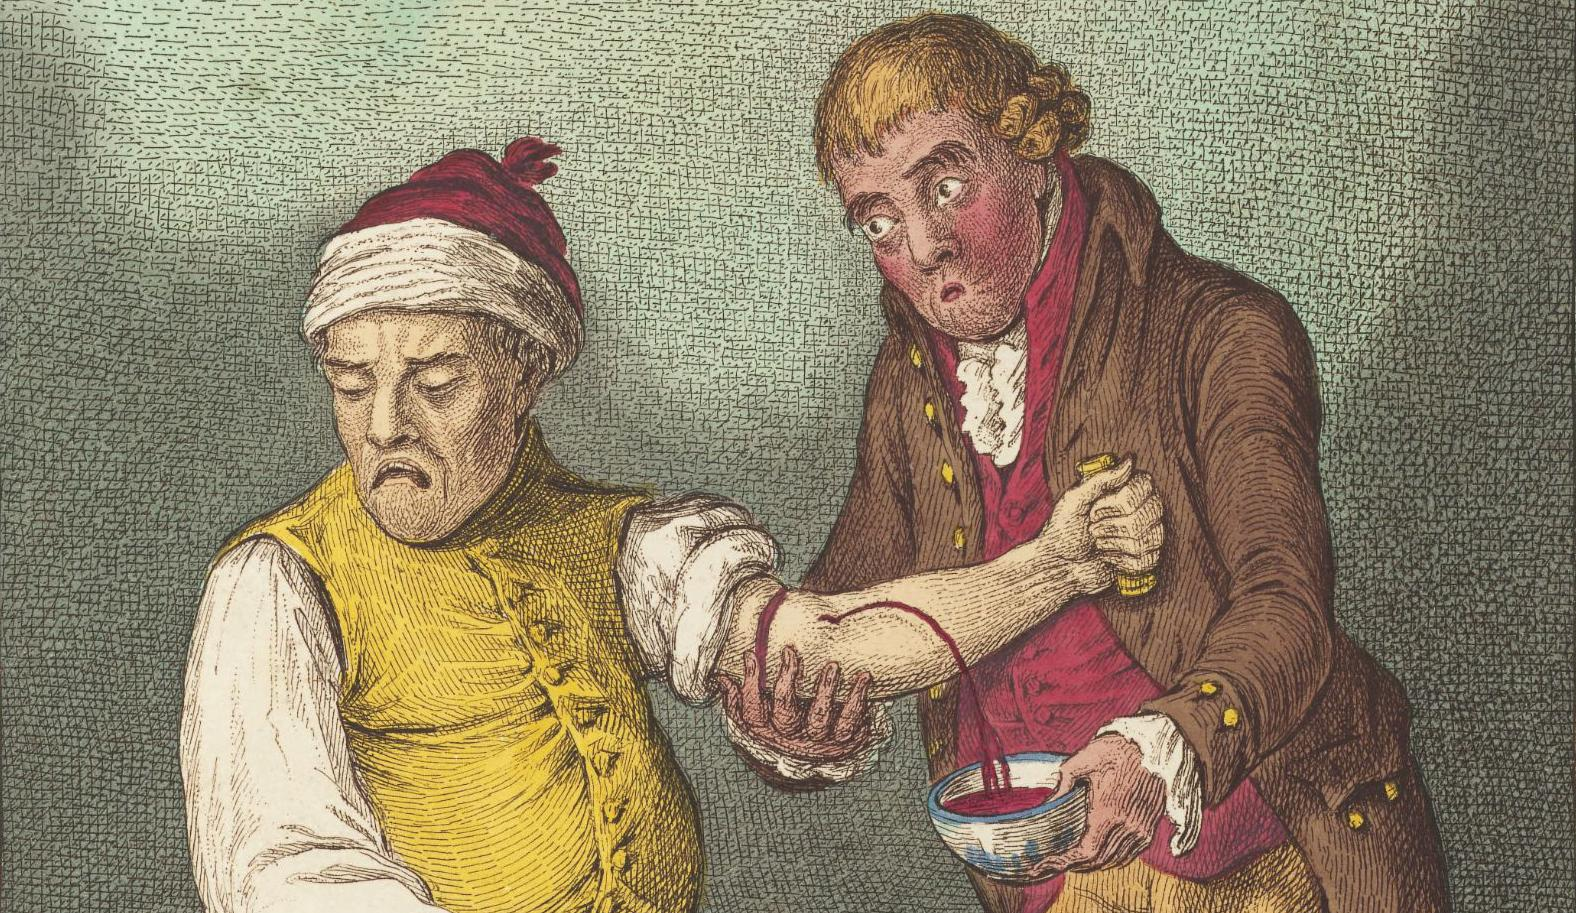 Зачем врачи рекомендовали пациентам кровопускание и почему продолжают делать это сейчас